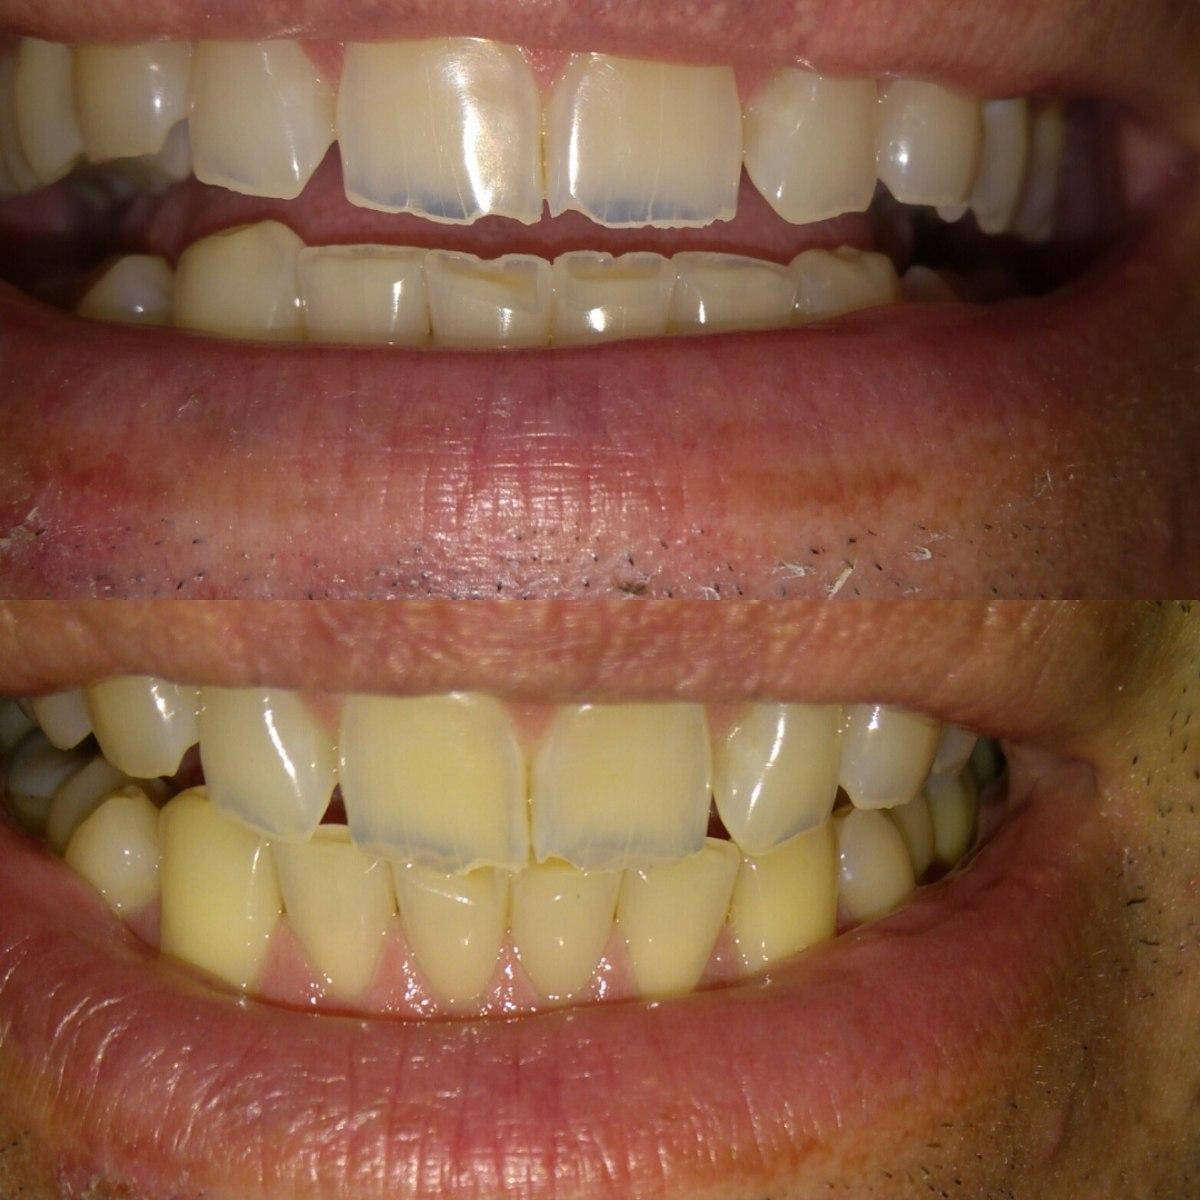 Clareador Dental Pasta De Dente Preta R 29 00 Em Mercado Livre